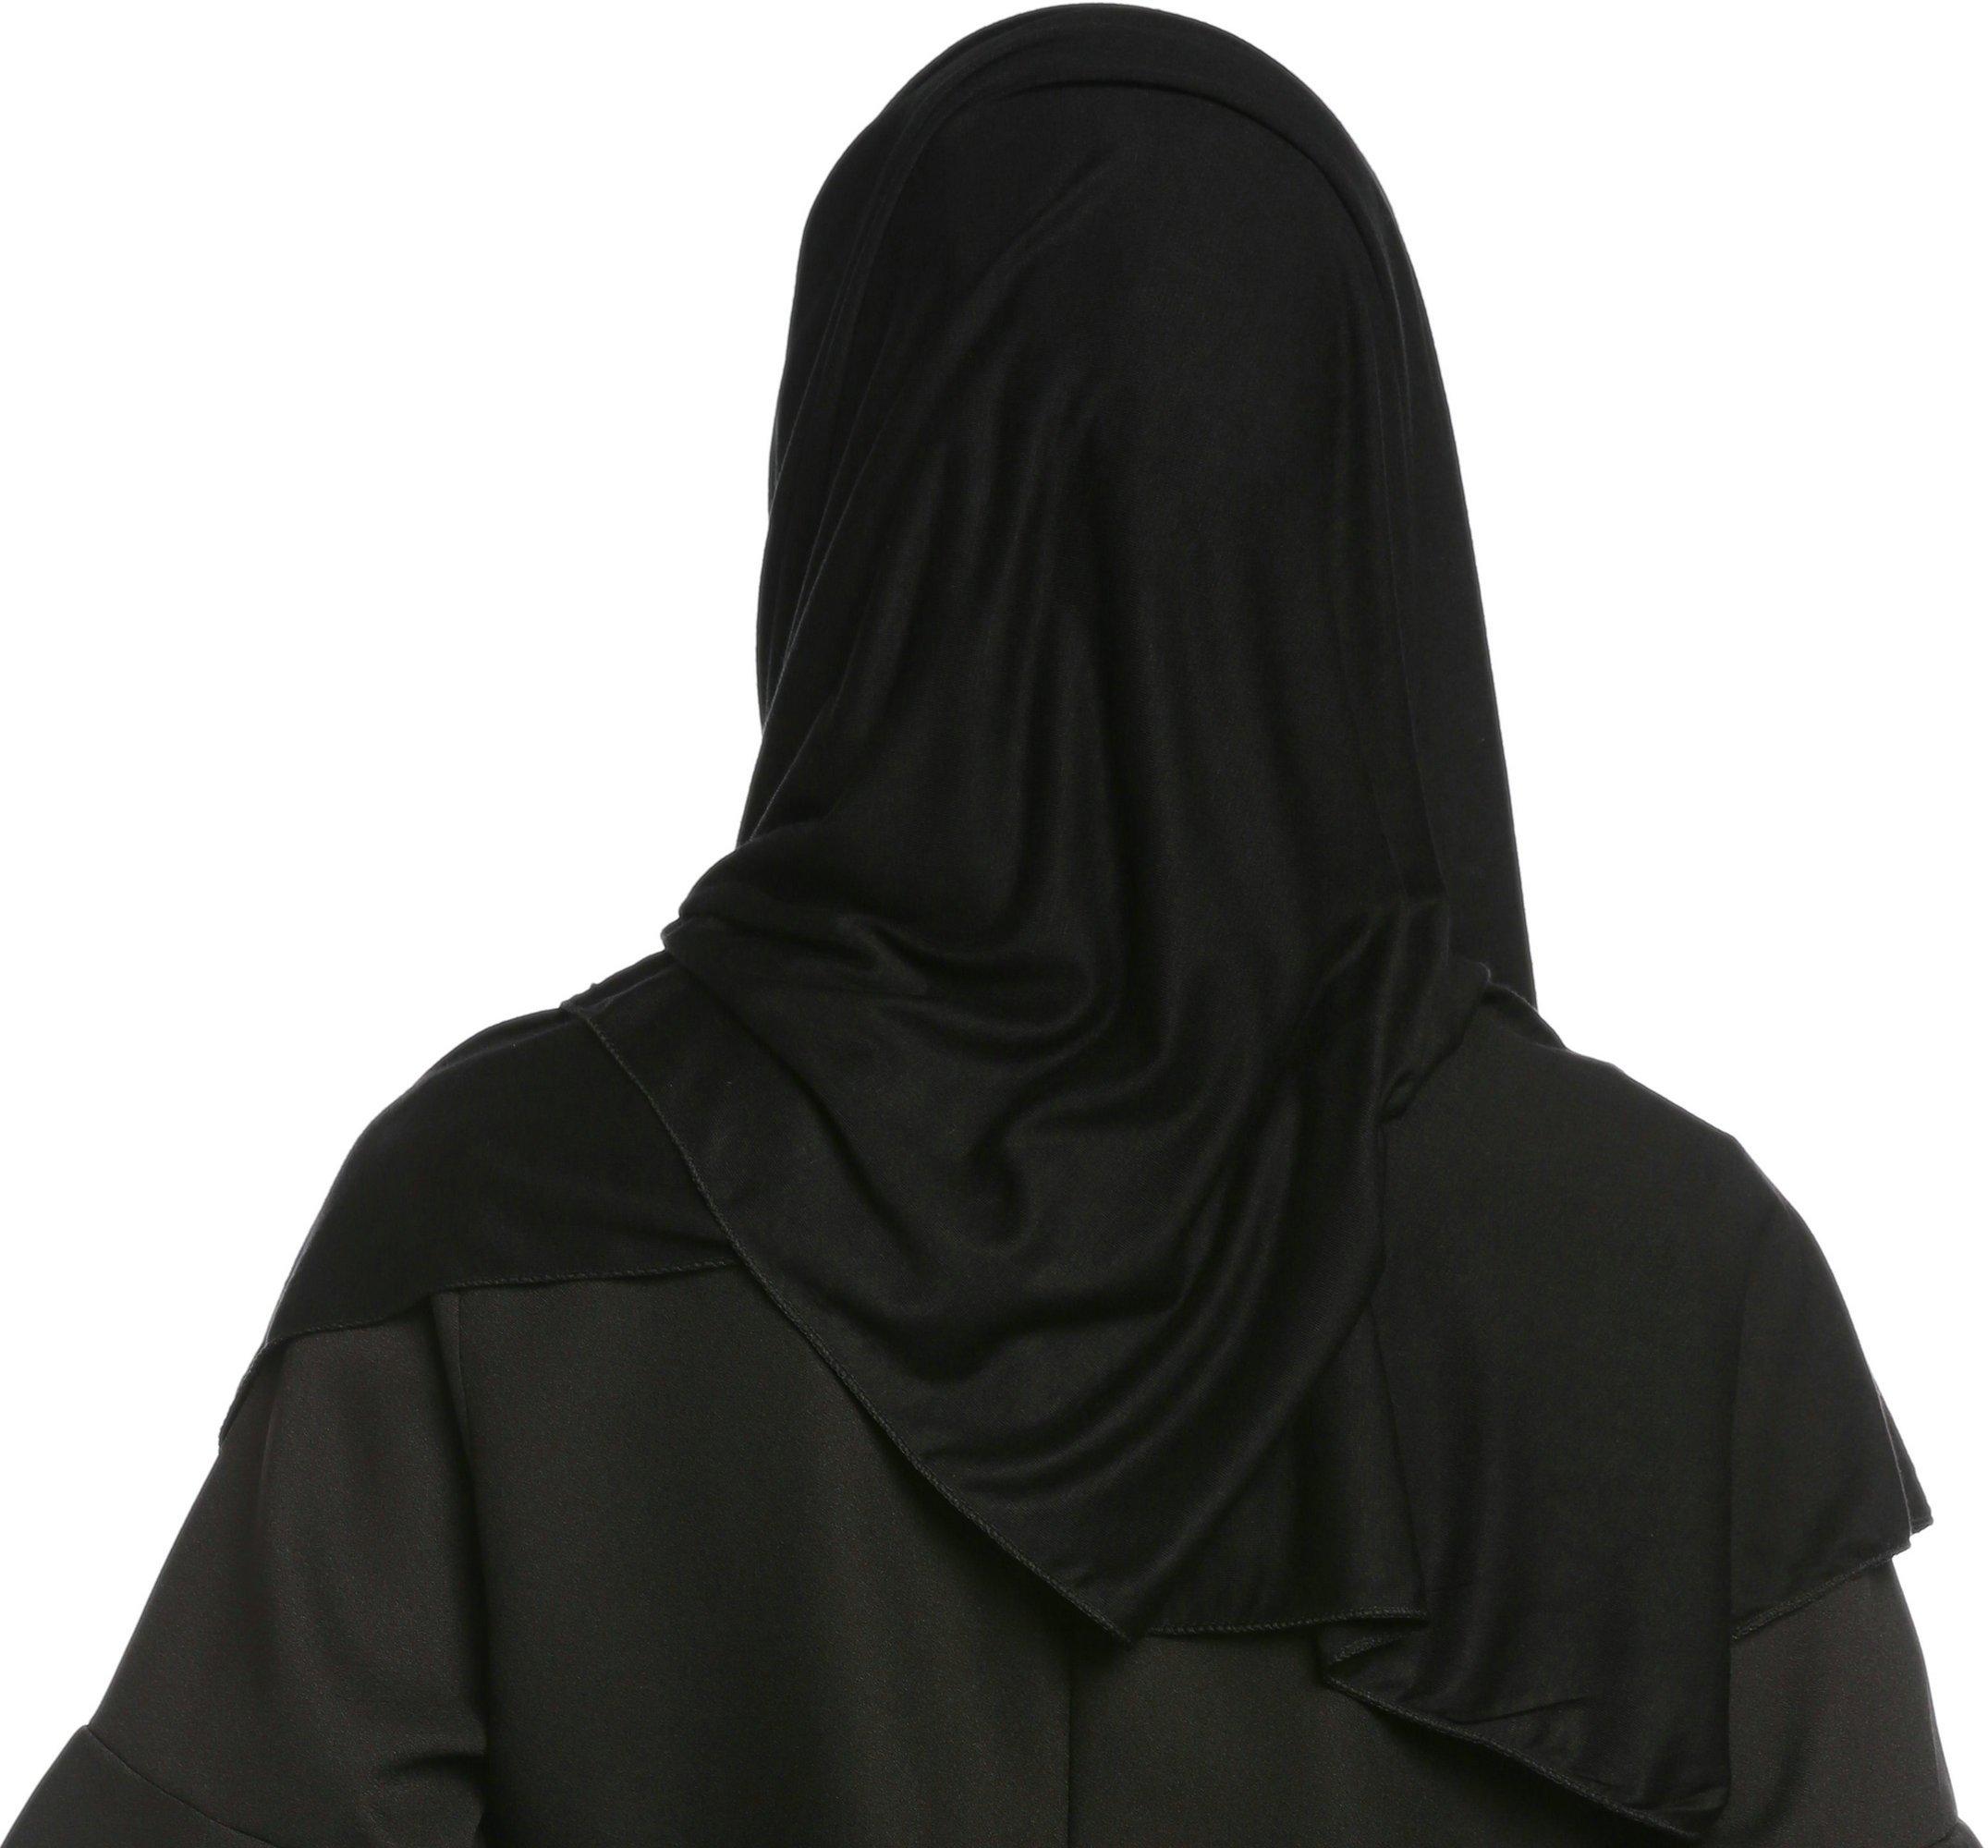 Ababalaya Fashion Womens Lightweight 100%Cotton Jersey Hijab Scarf, Black, One Size by Ababalaya (Image #2)